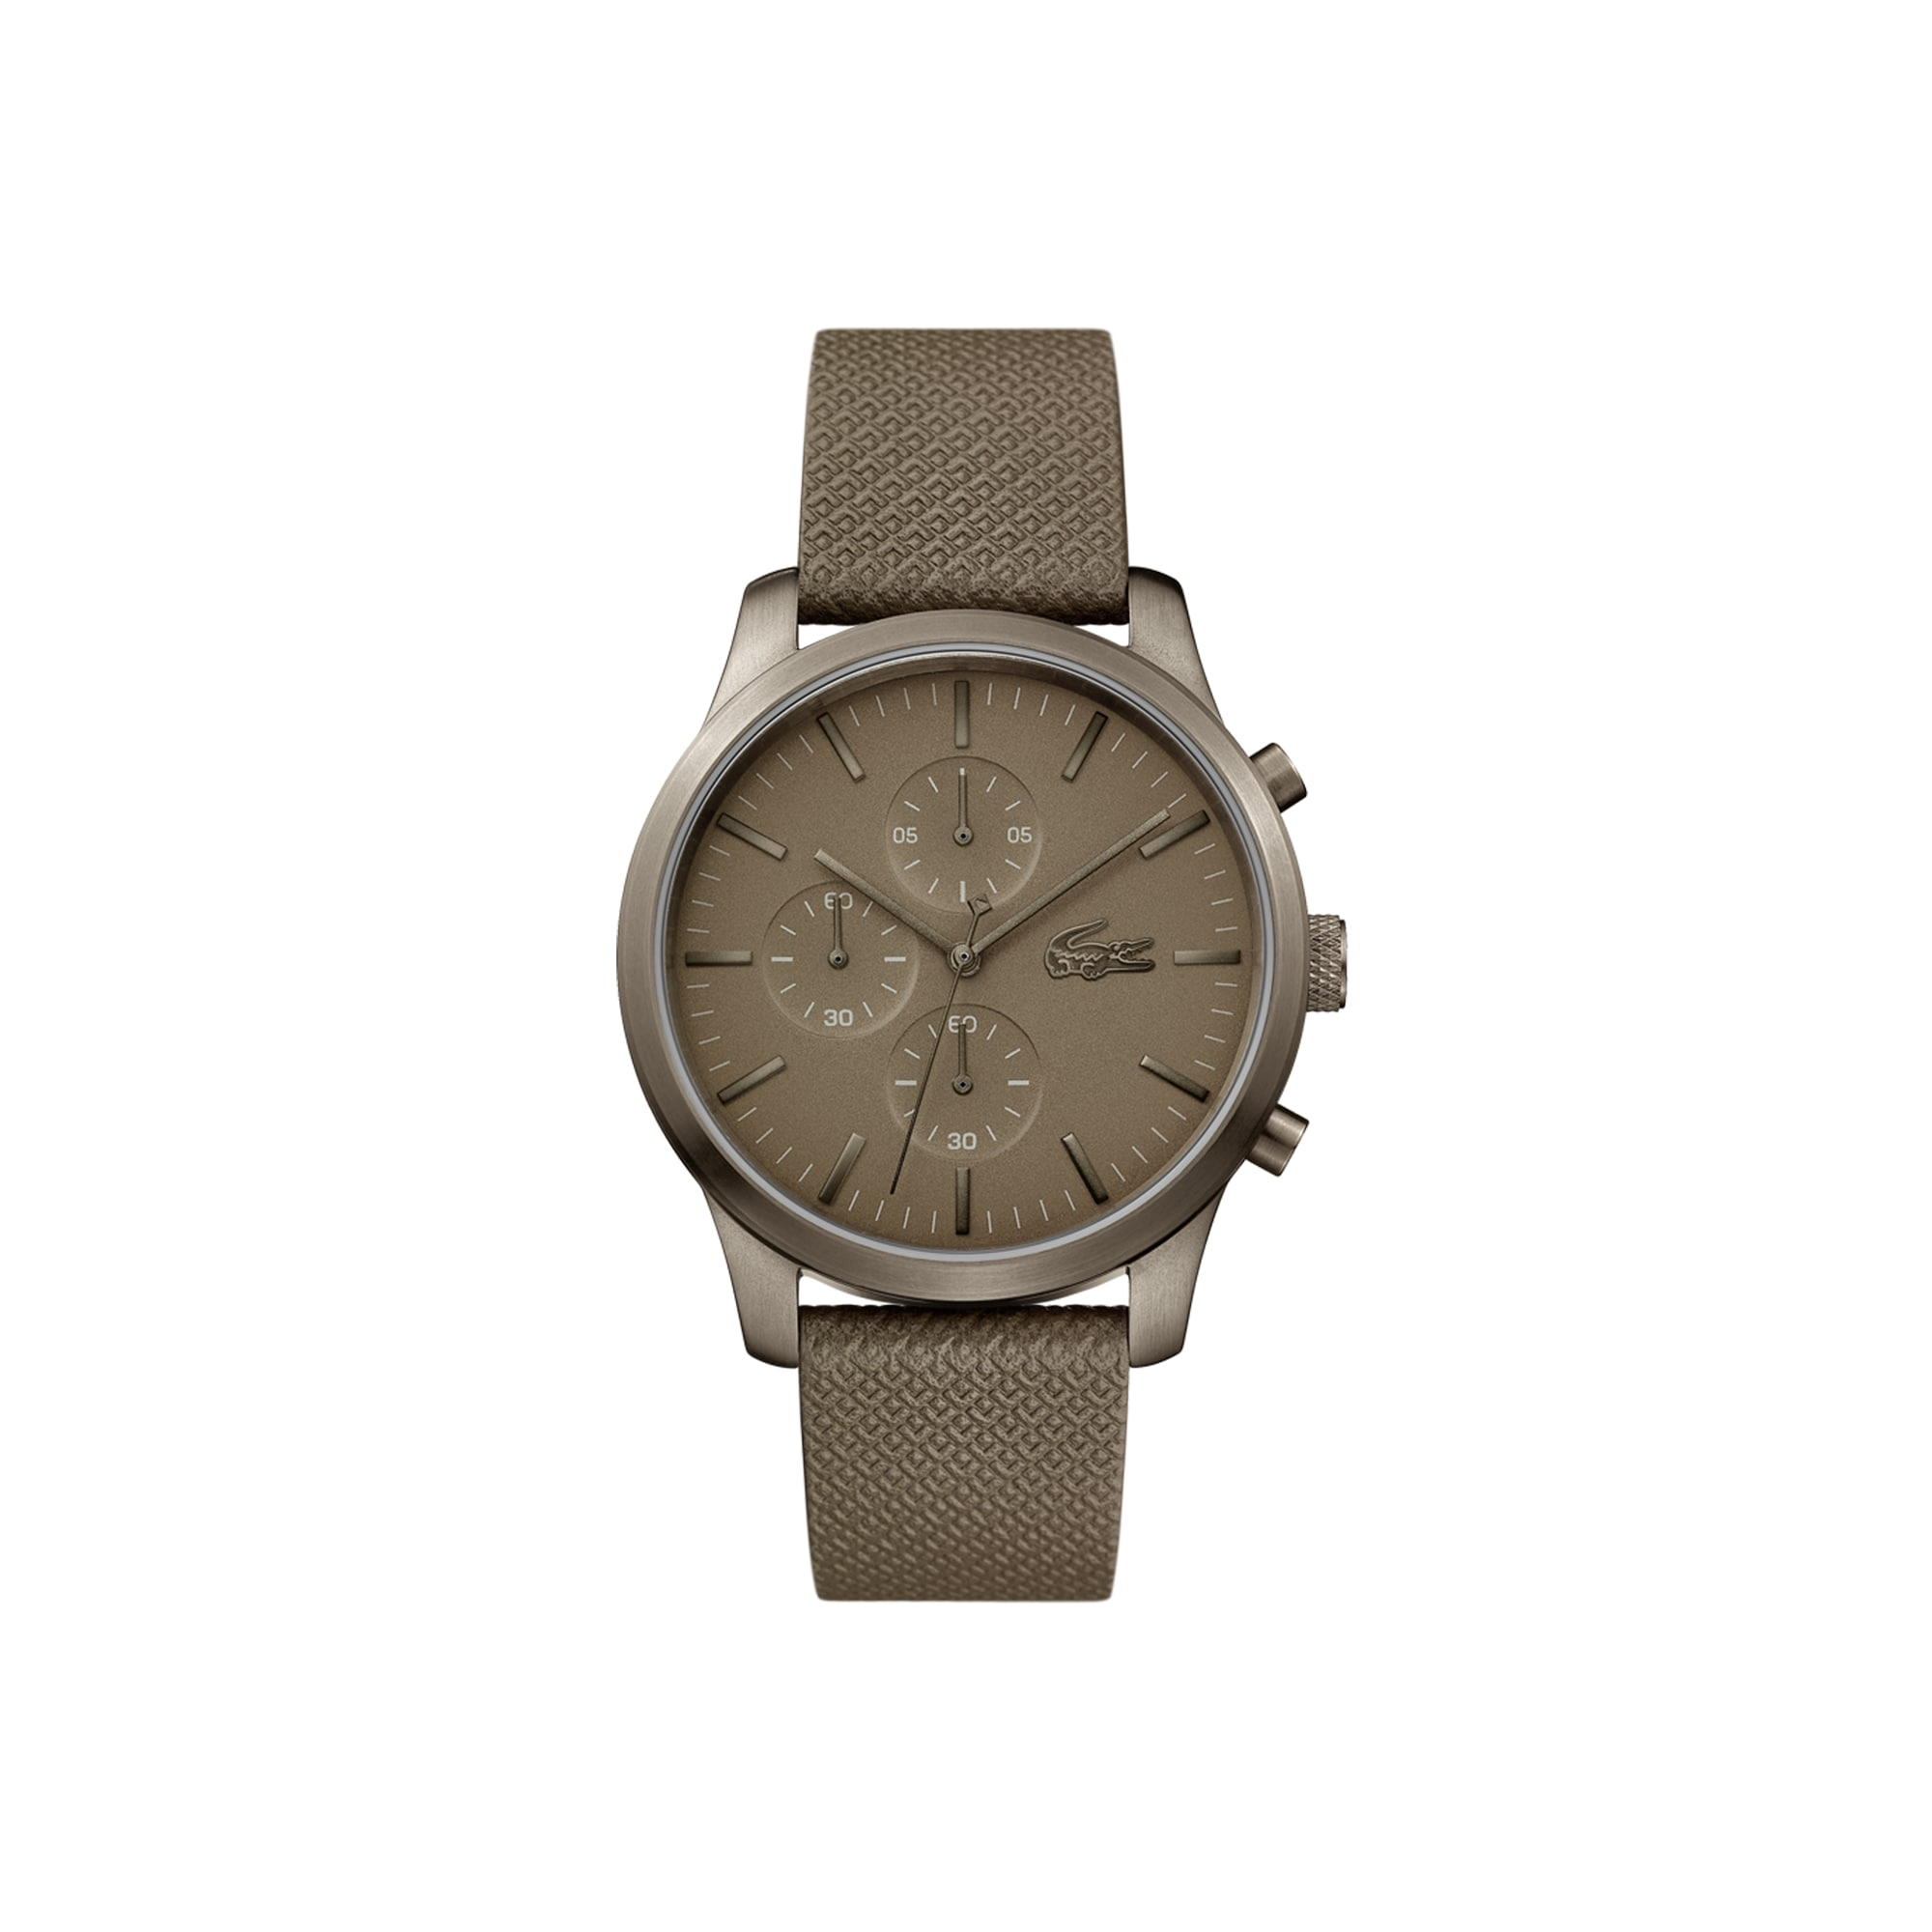 Orologio Lacoste.12.12 con cronografo 85° anniversario. Cinturino in pelle kaki con goffratura Petit Piqué